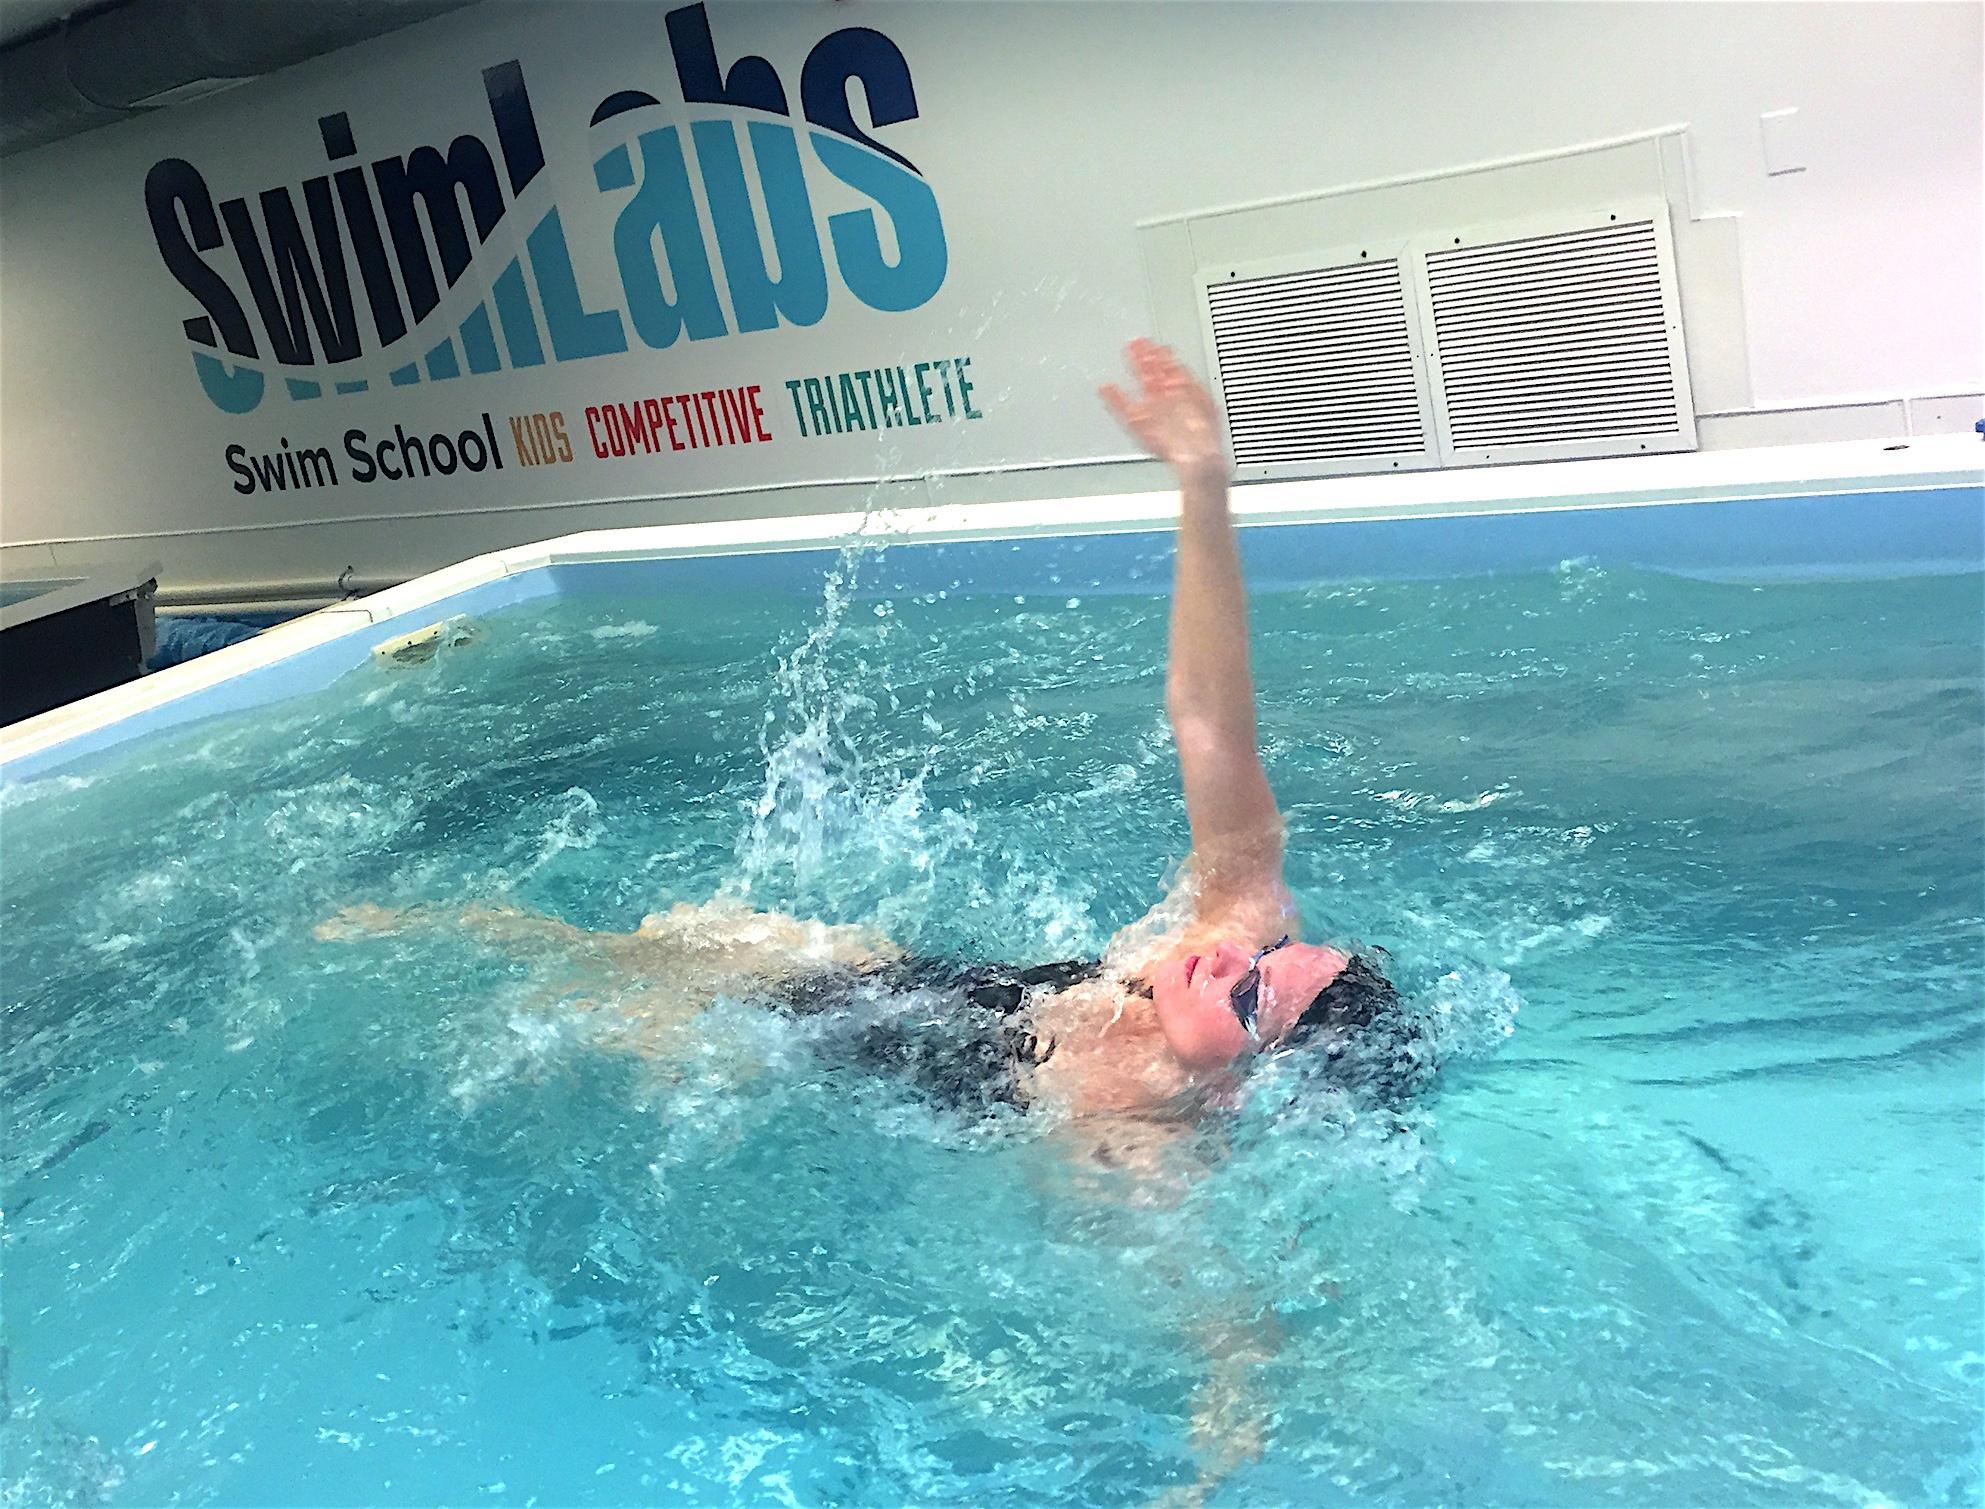 Backstroke at SwimLabs-1.jpg